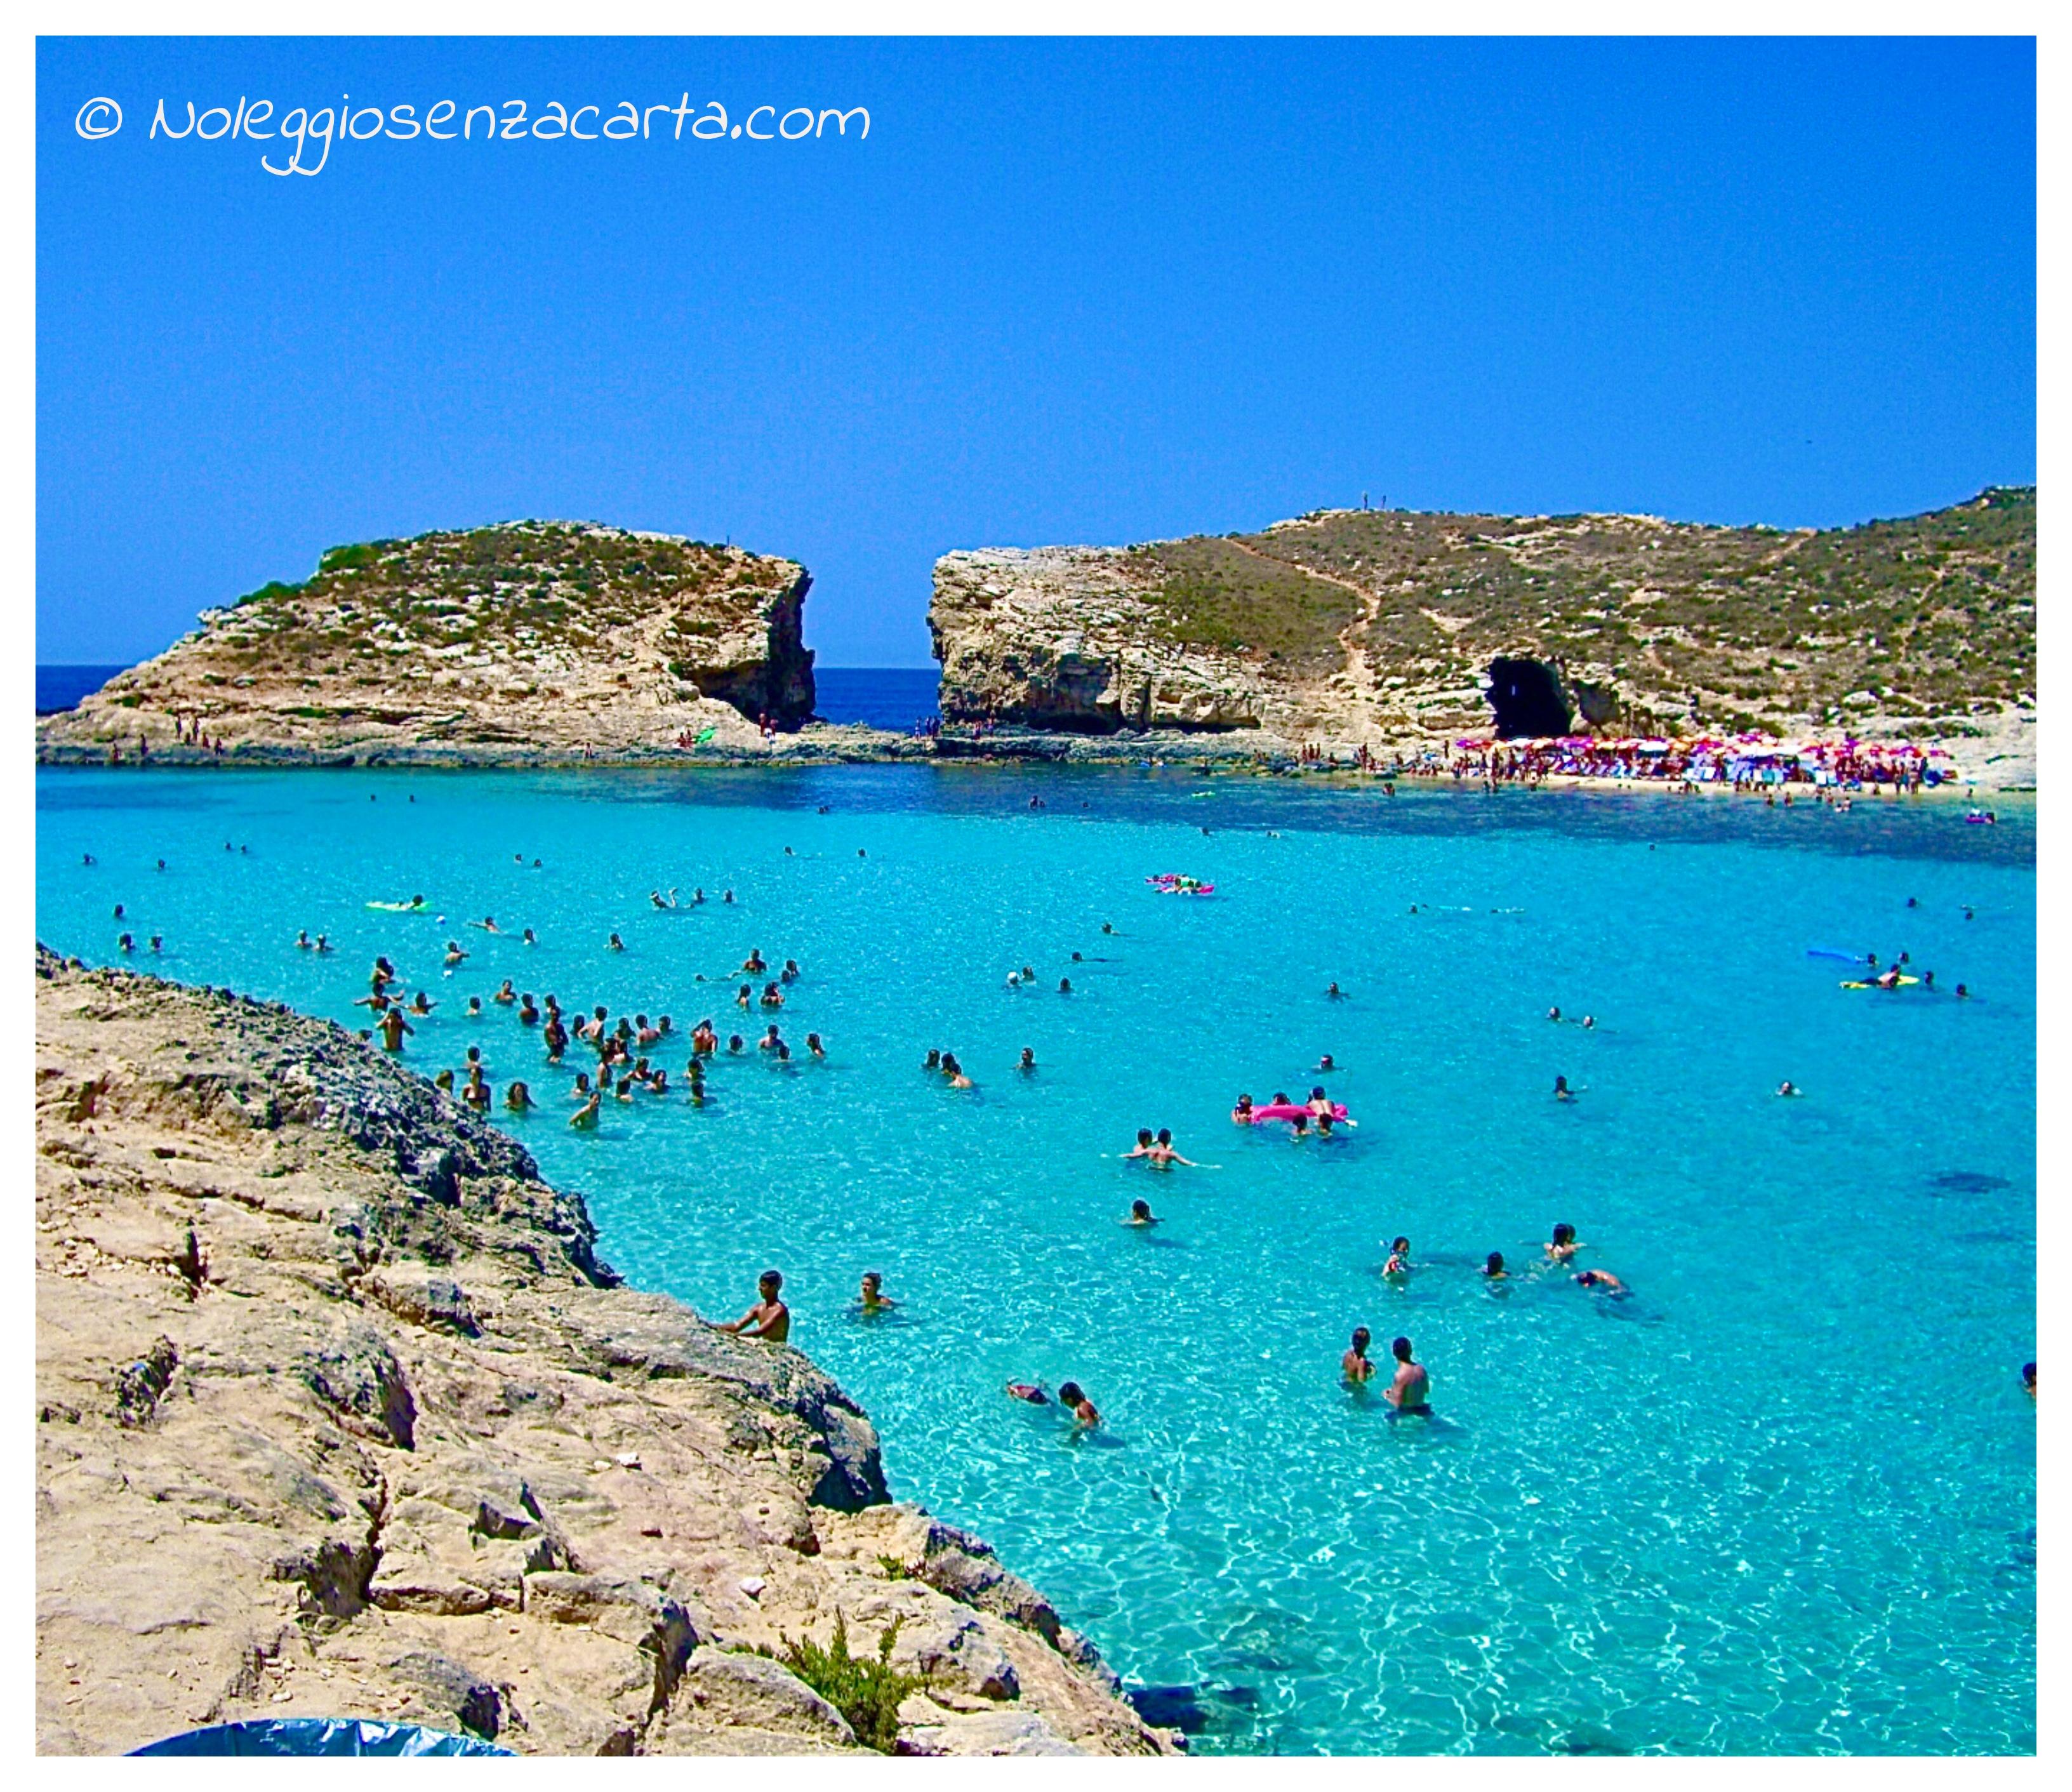 Noleggiare auto senza carta di credito a Malta